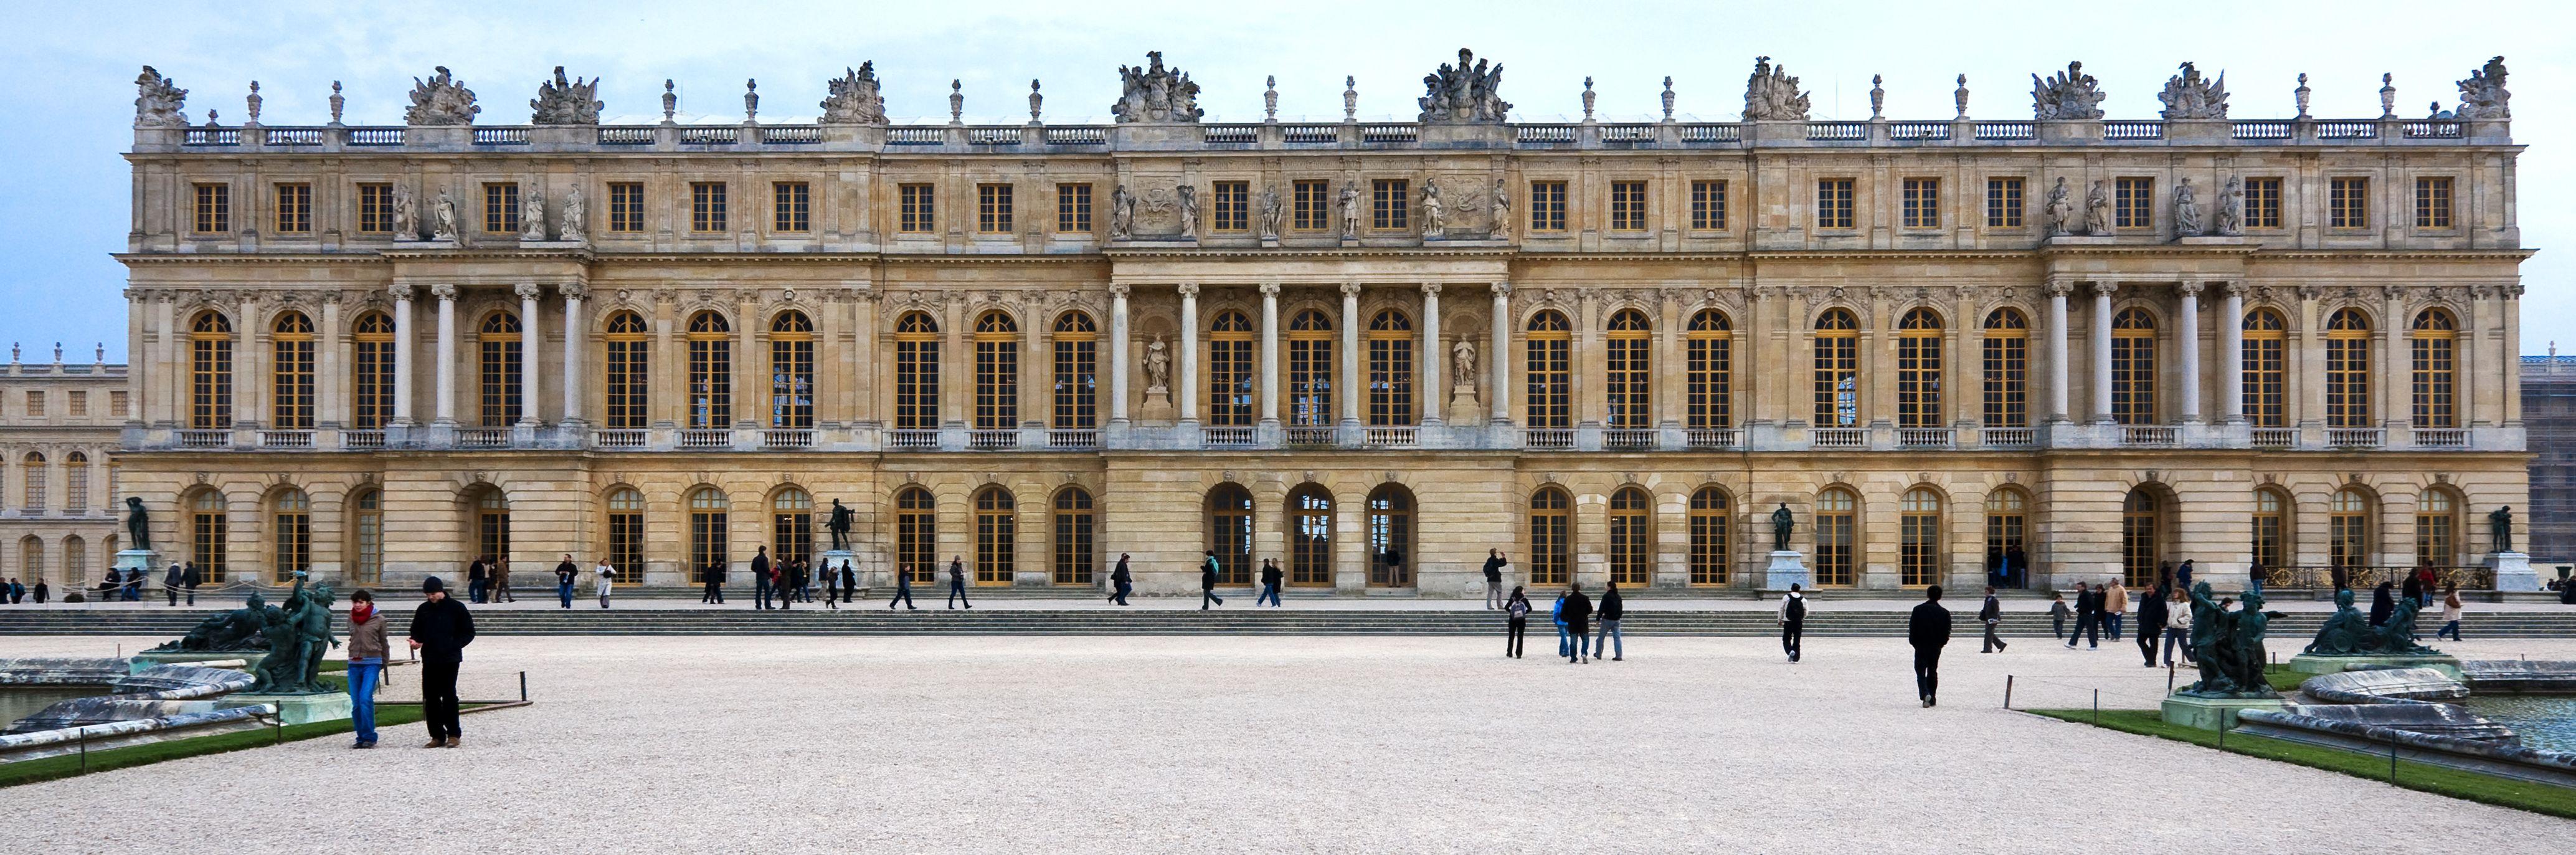 Garden Facade The Palace At Versailles Versailles France Louis